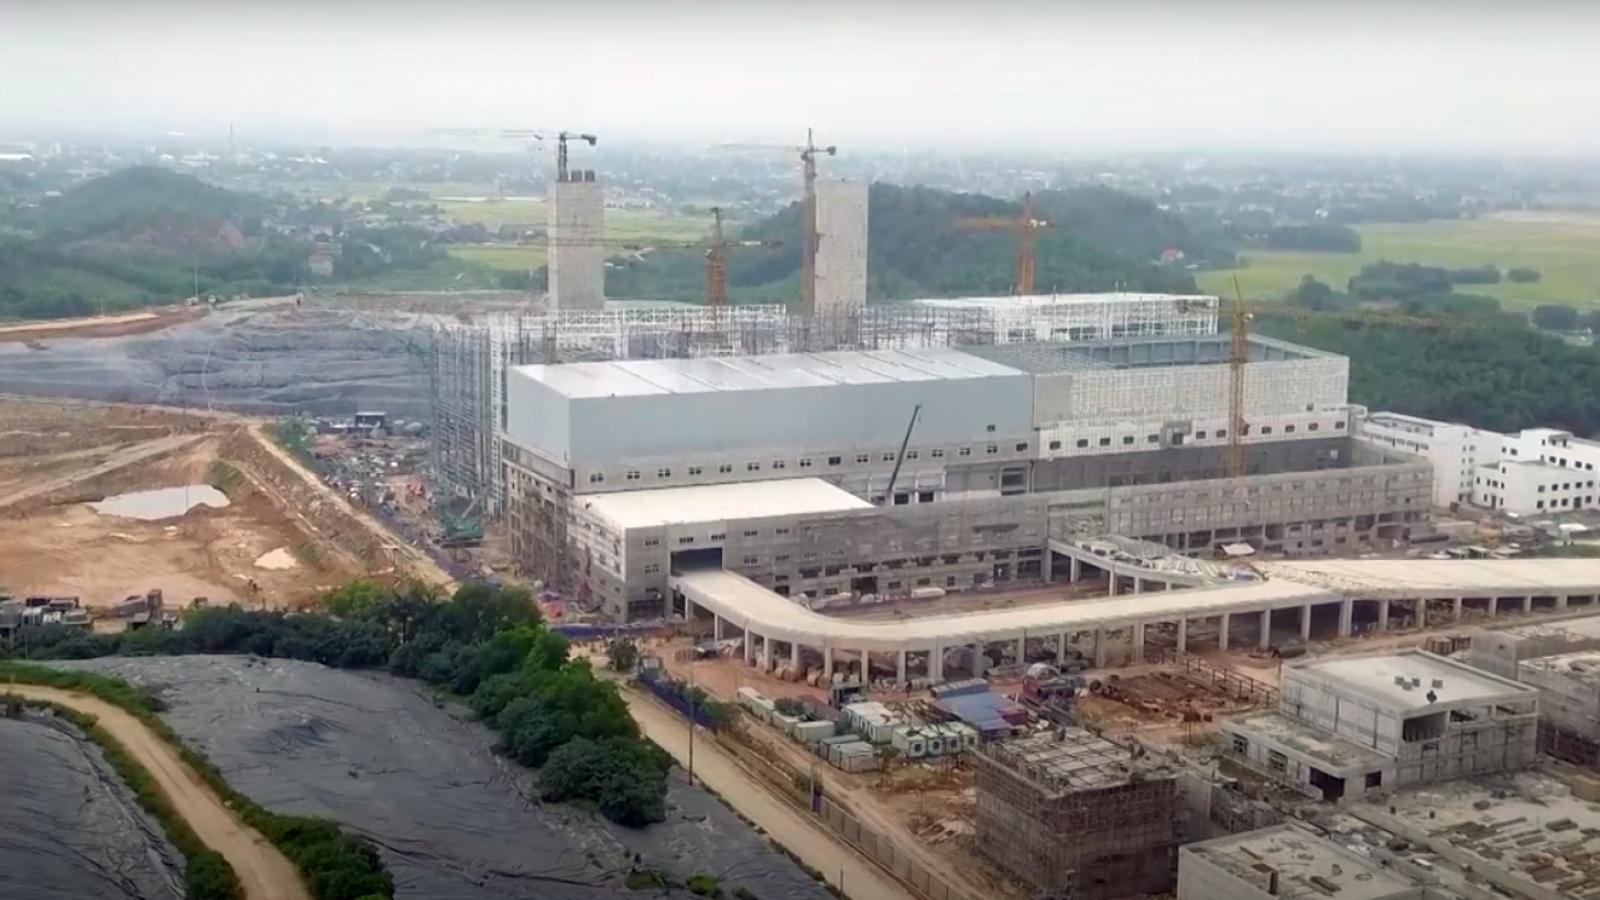 Nhà máy điện rác lớn nhất Hà Nội bắt đầu đưa rác vào xử lý